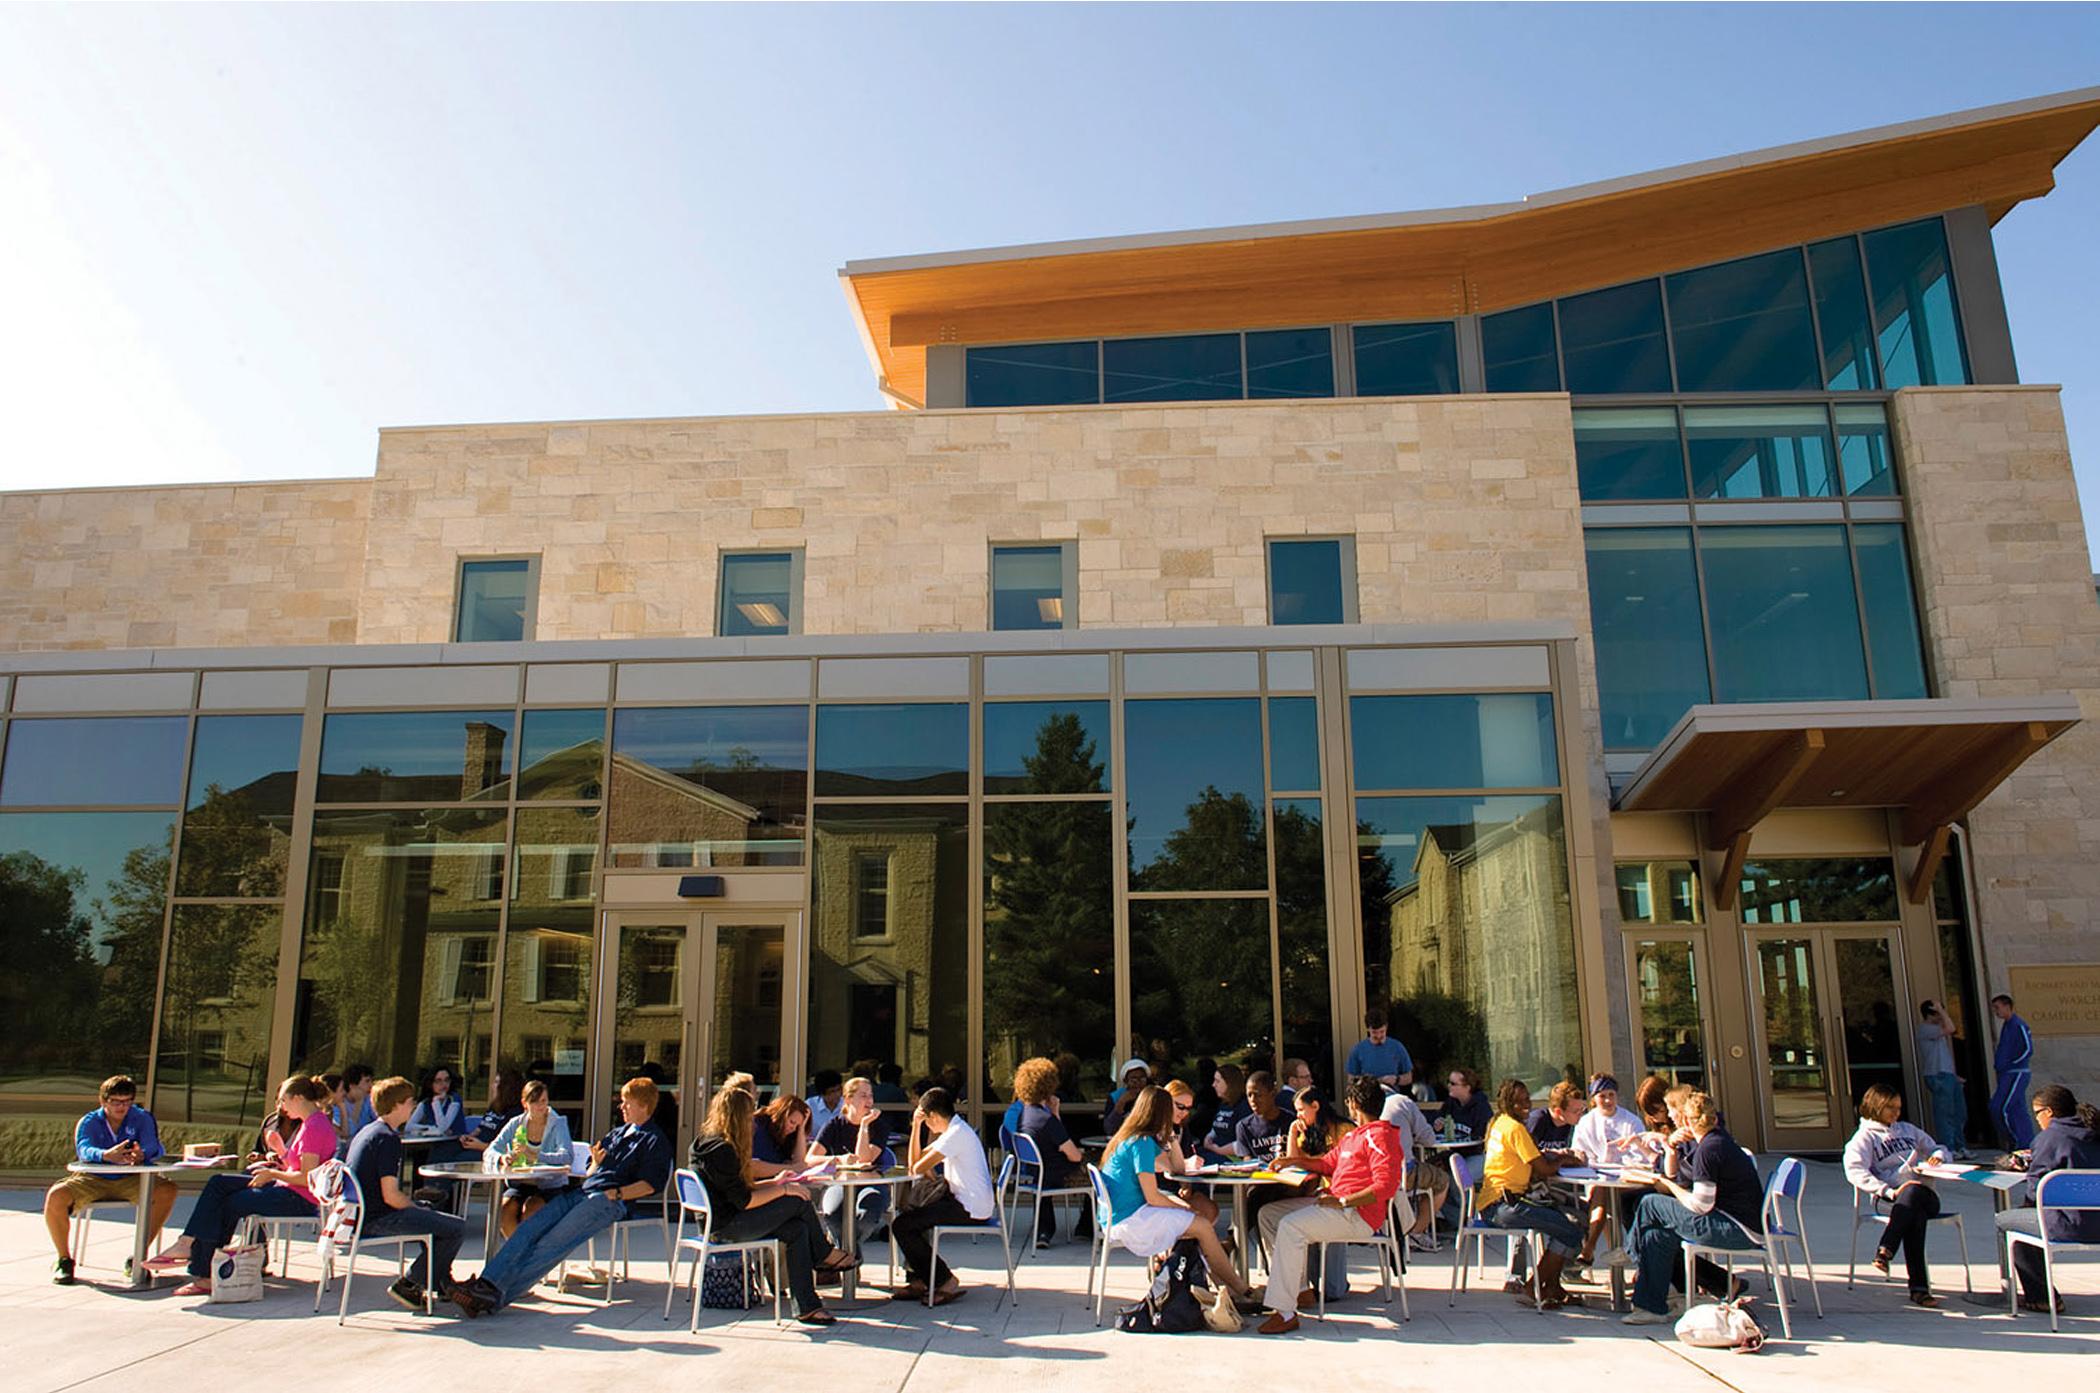 courtesy of Lawrence University